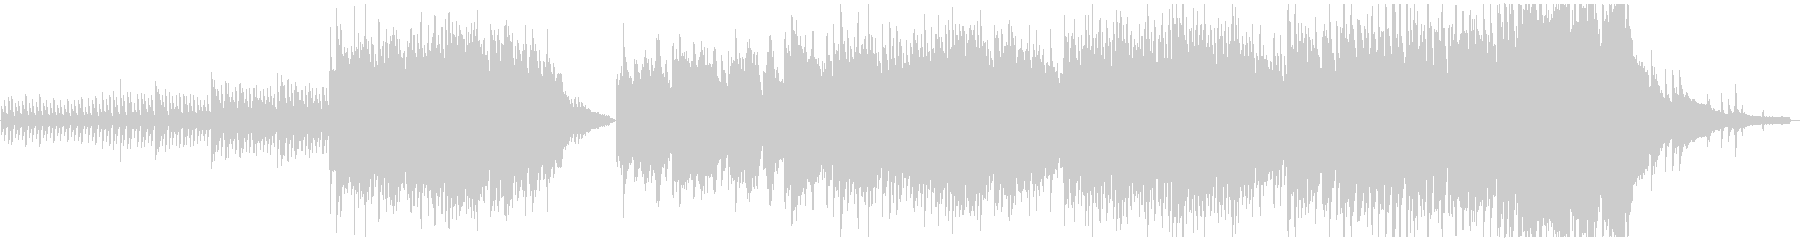 しっとりと厳かな和風ピアノBGMの未再生の波形